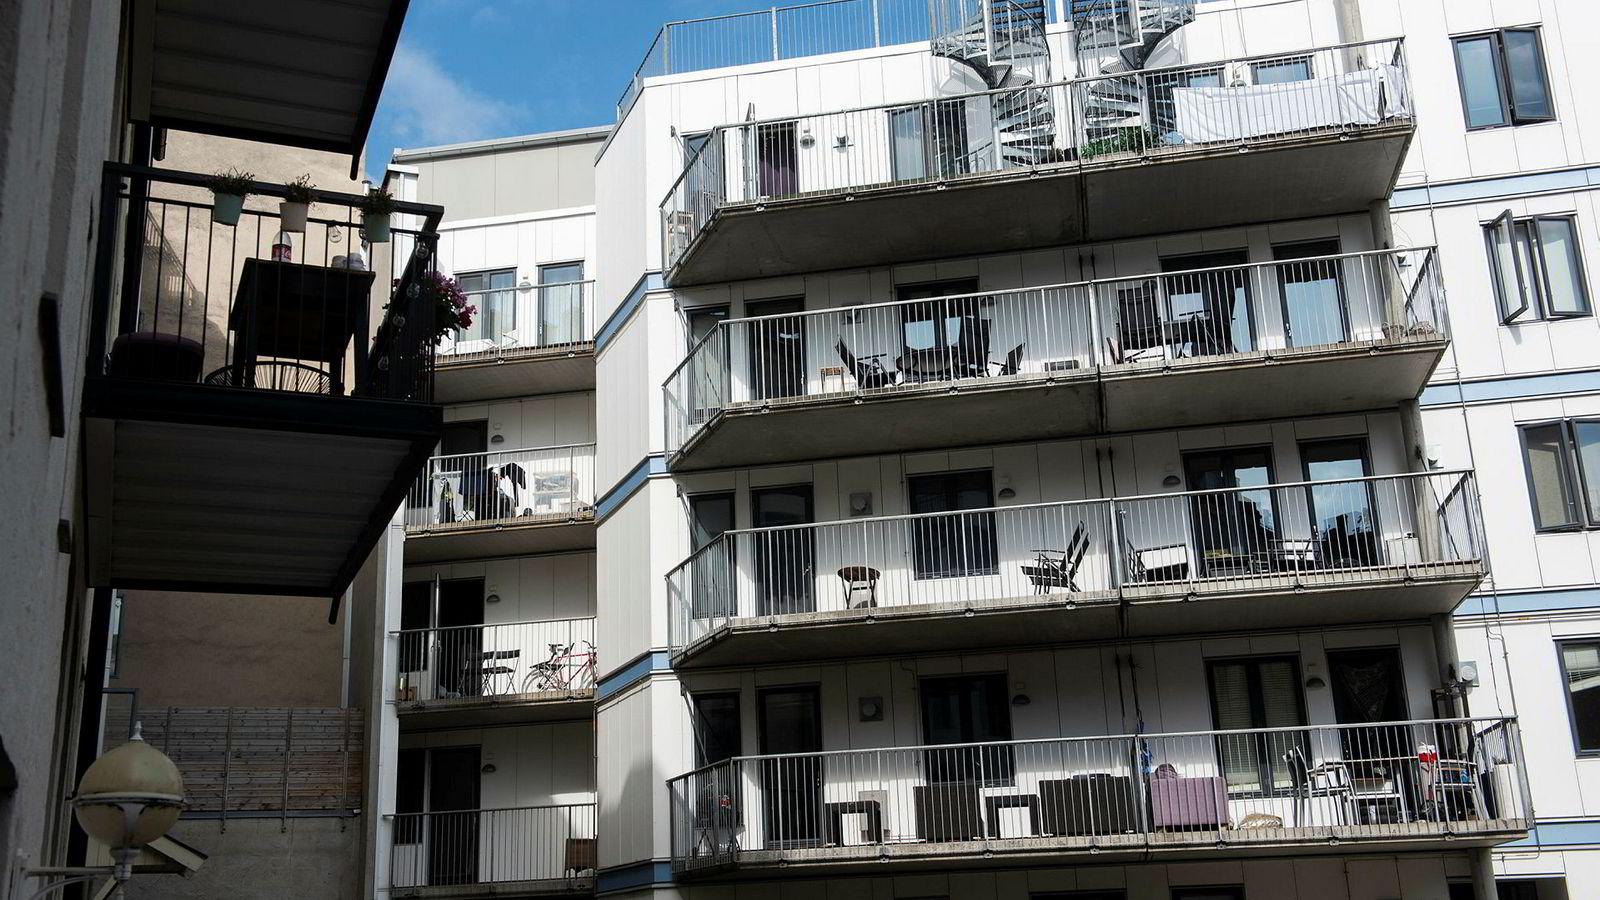 Dersom myndighetene over natten innførte full beskatning av boligeierne, ville betalingsevnen og prisene dermed synke med et beløp omtrent lik skatteskjerpelsen.